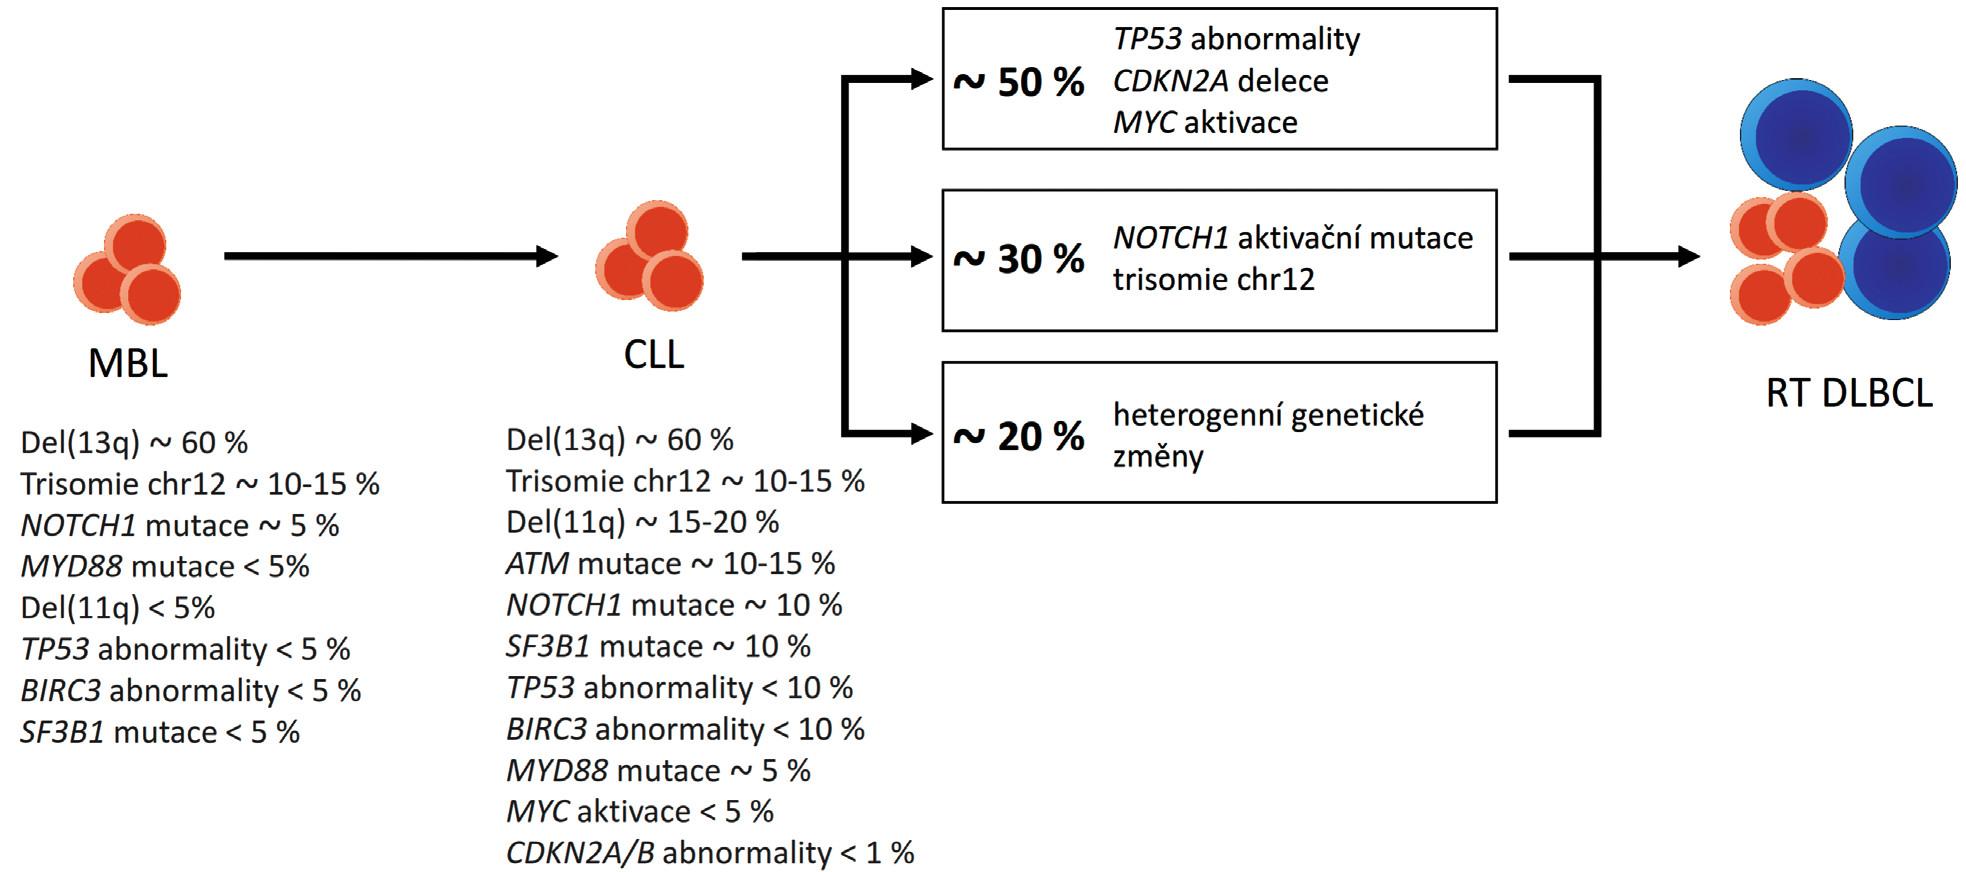 Genetické změny uRichterovy transformace chronické lymfocytární leukemie (CLL) do difuzního velkobuněčného lymfomu (RT DLBCL). Upraveno podle [10, 48, 49].